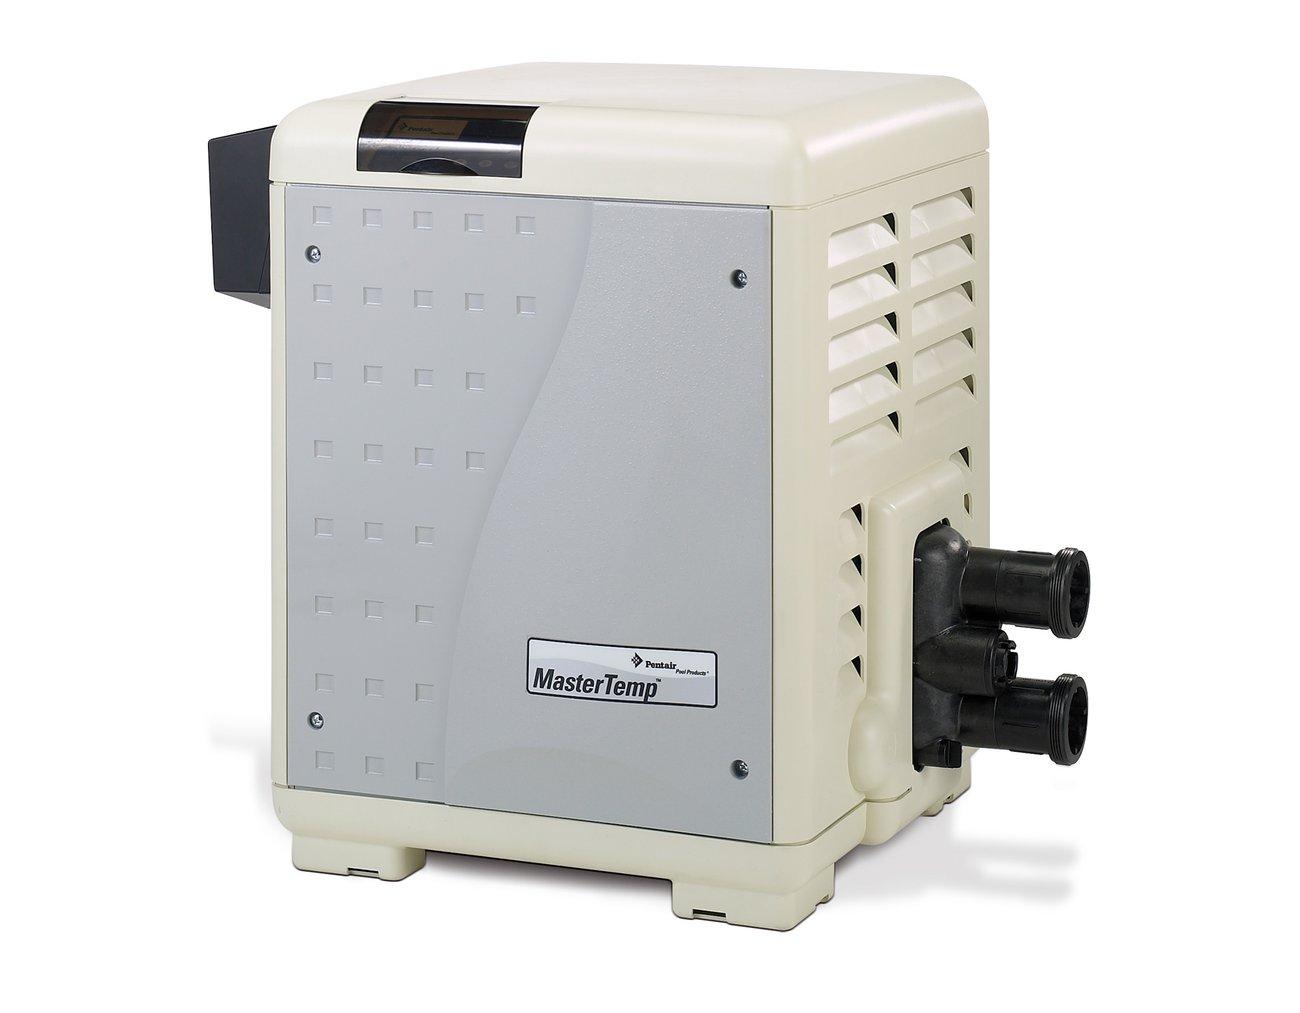 aquecedor-mastertemp-htr-250-400_g.jpg.1300x1300_q85